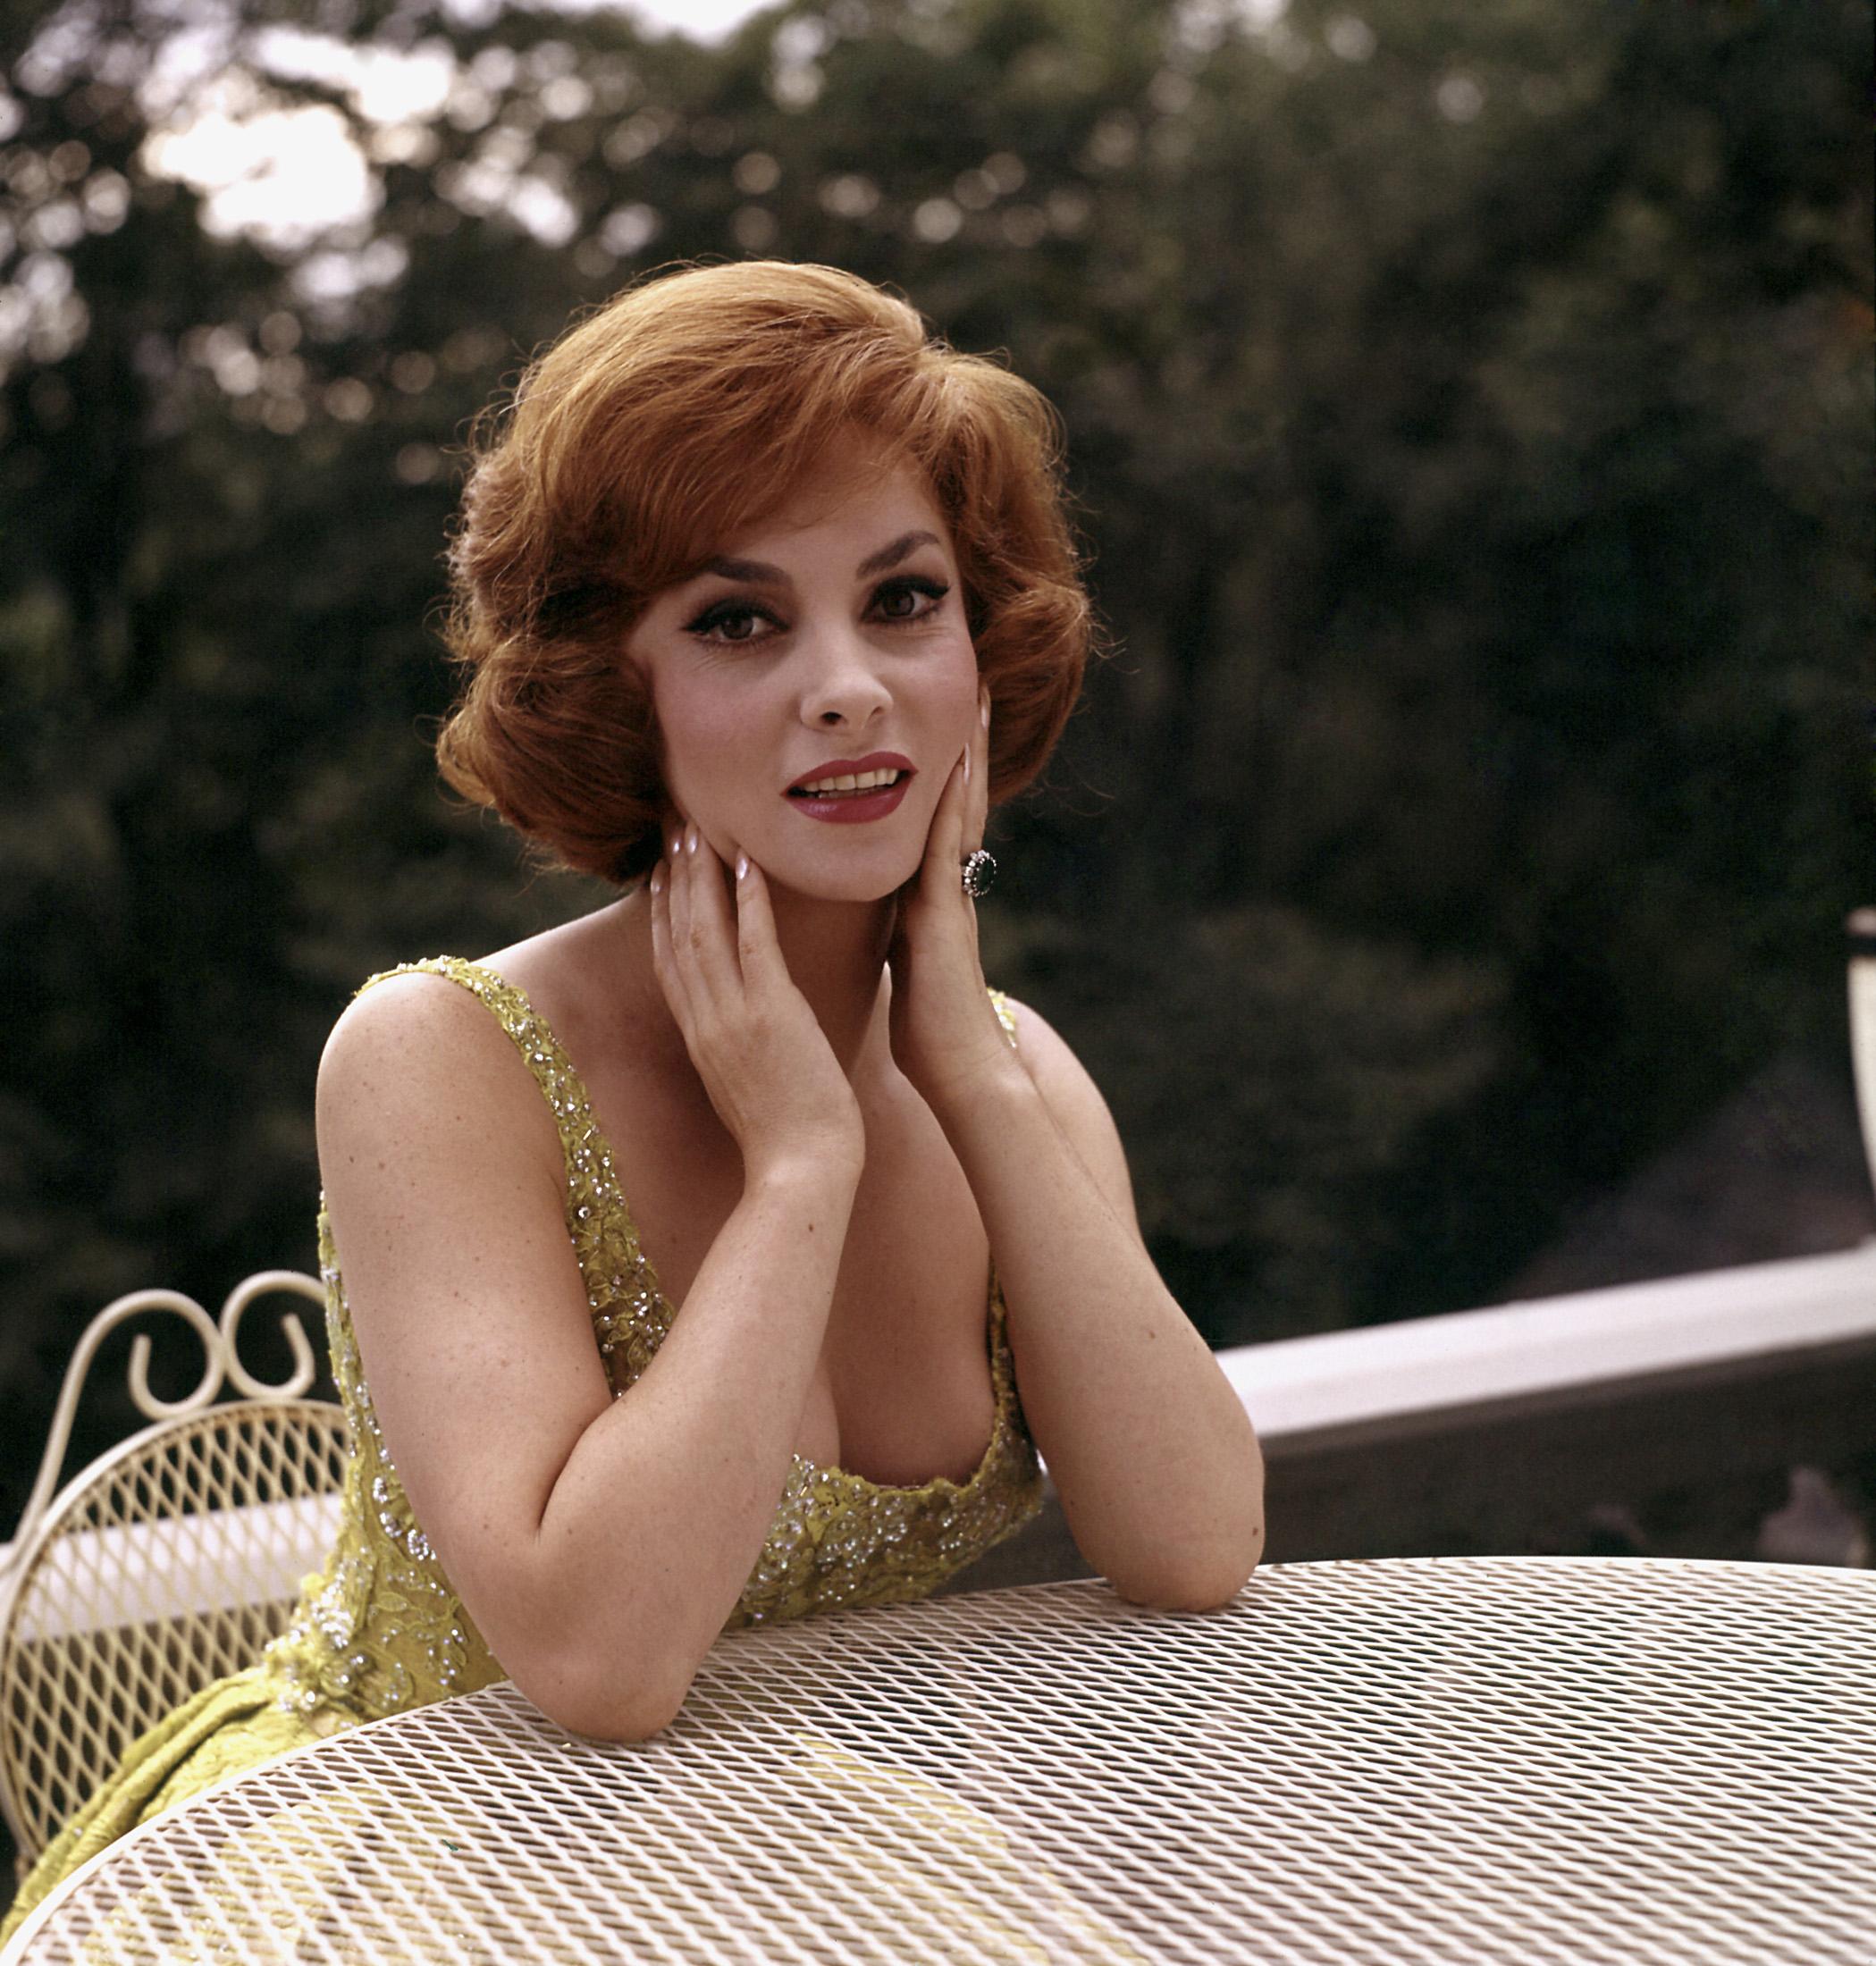 В 1986 году Джина Лоллобриджида выступала в качестве председателя жюри